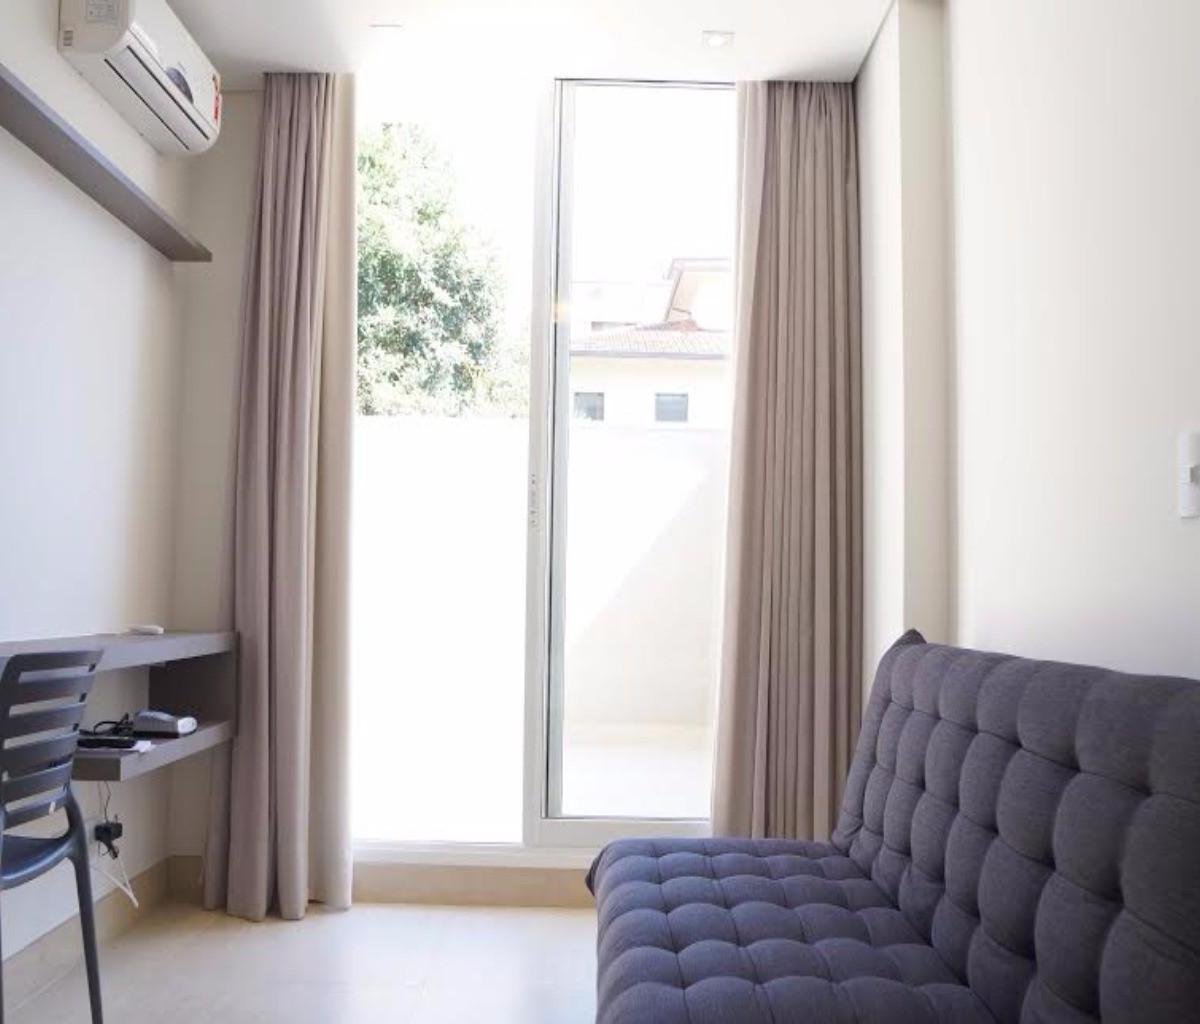 Apartamento para aluguel com 1 Quarto Alto da XV Curitiba R$ 1.550  #6A5A50 1200x1024 Banheiro De Apartamento Tipo Studio